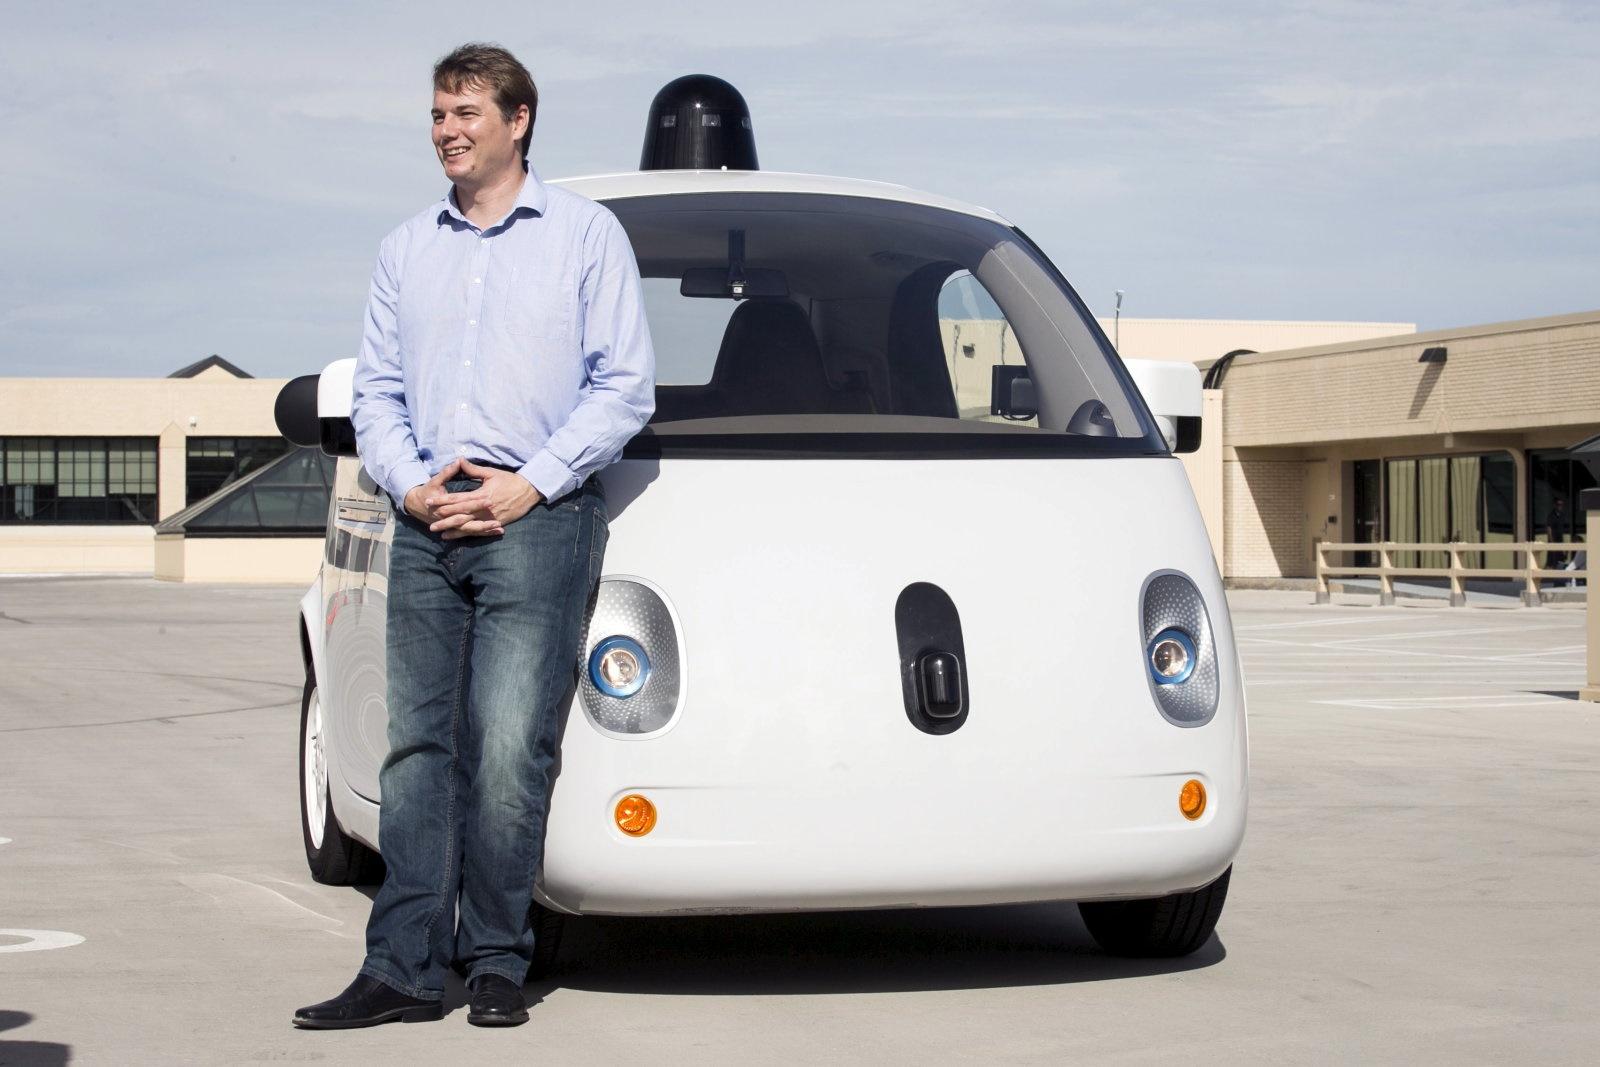 مغز متفکر خودروهای خودران گوگل رفت / خداحافظی بزرگان این صنعت با ساختههای خود